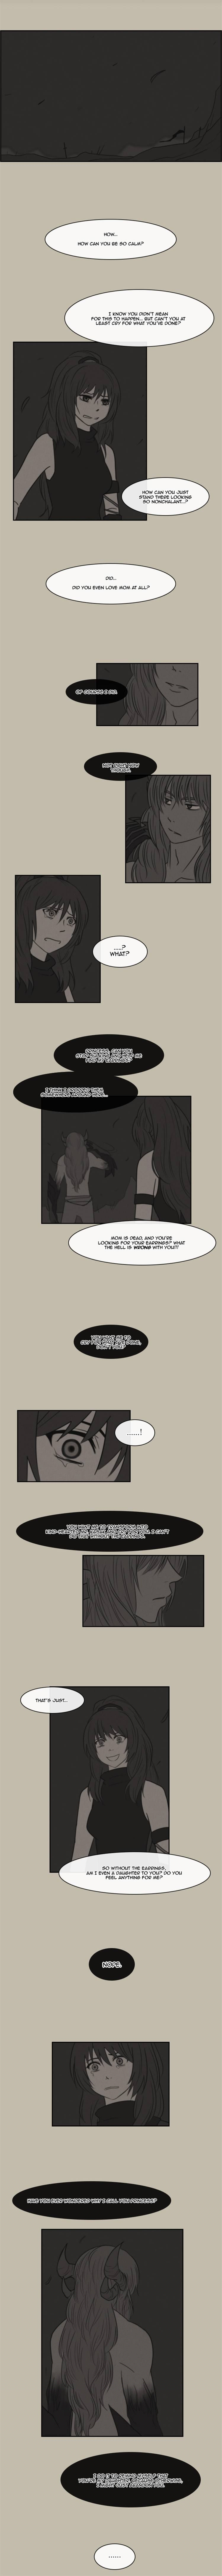 Kubera 70 Page 2